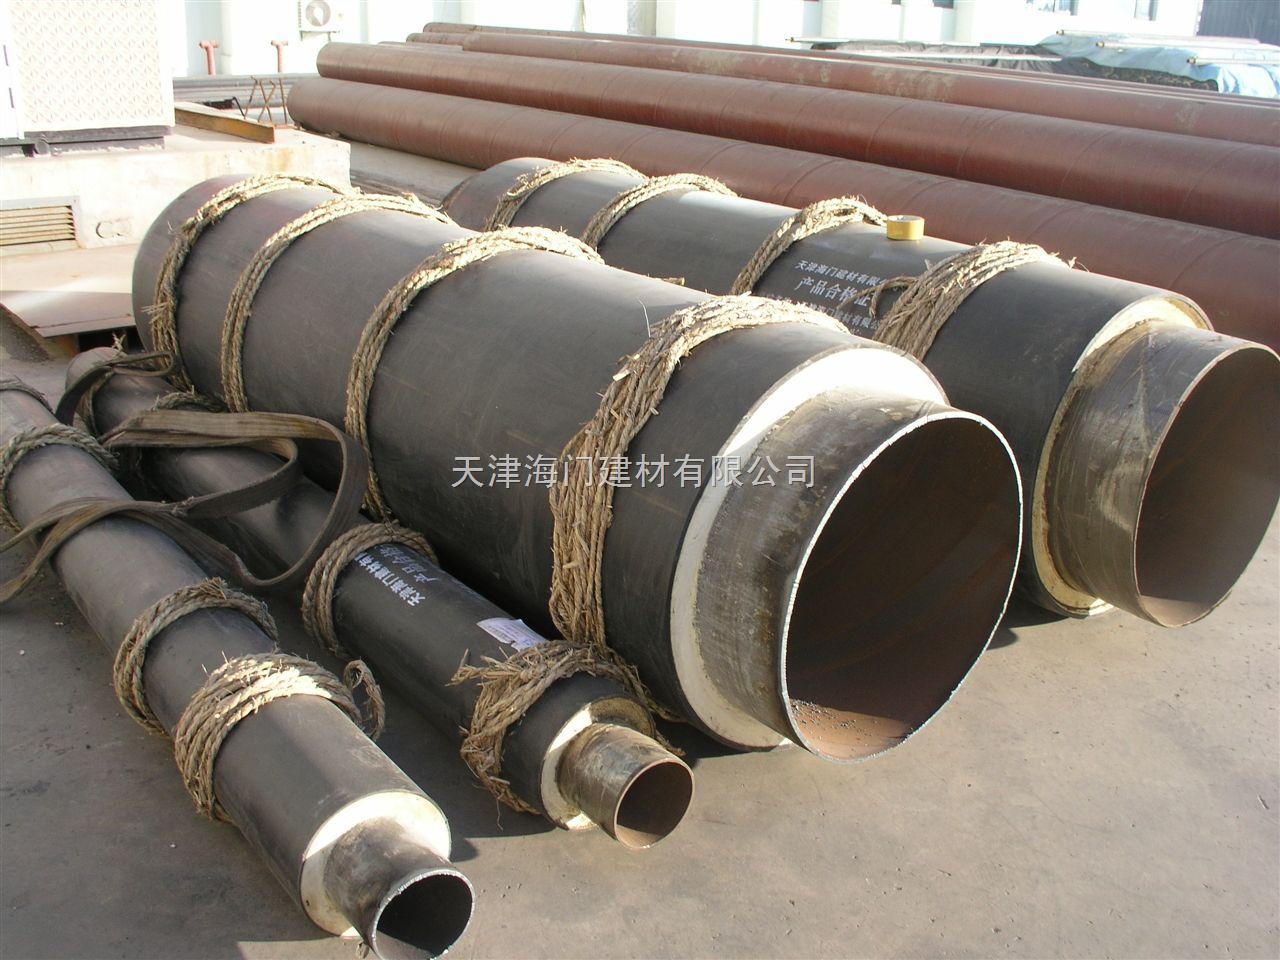 钢套钢蒸汽保温管,蒸汽直埋保温管厂家,天津钢套钢保温管价格